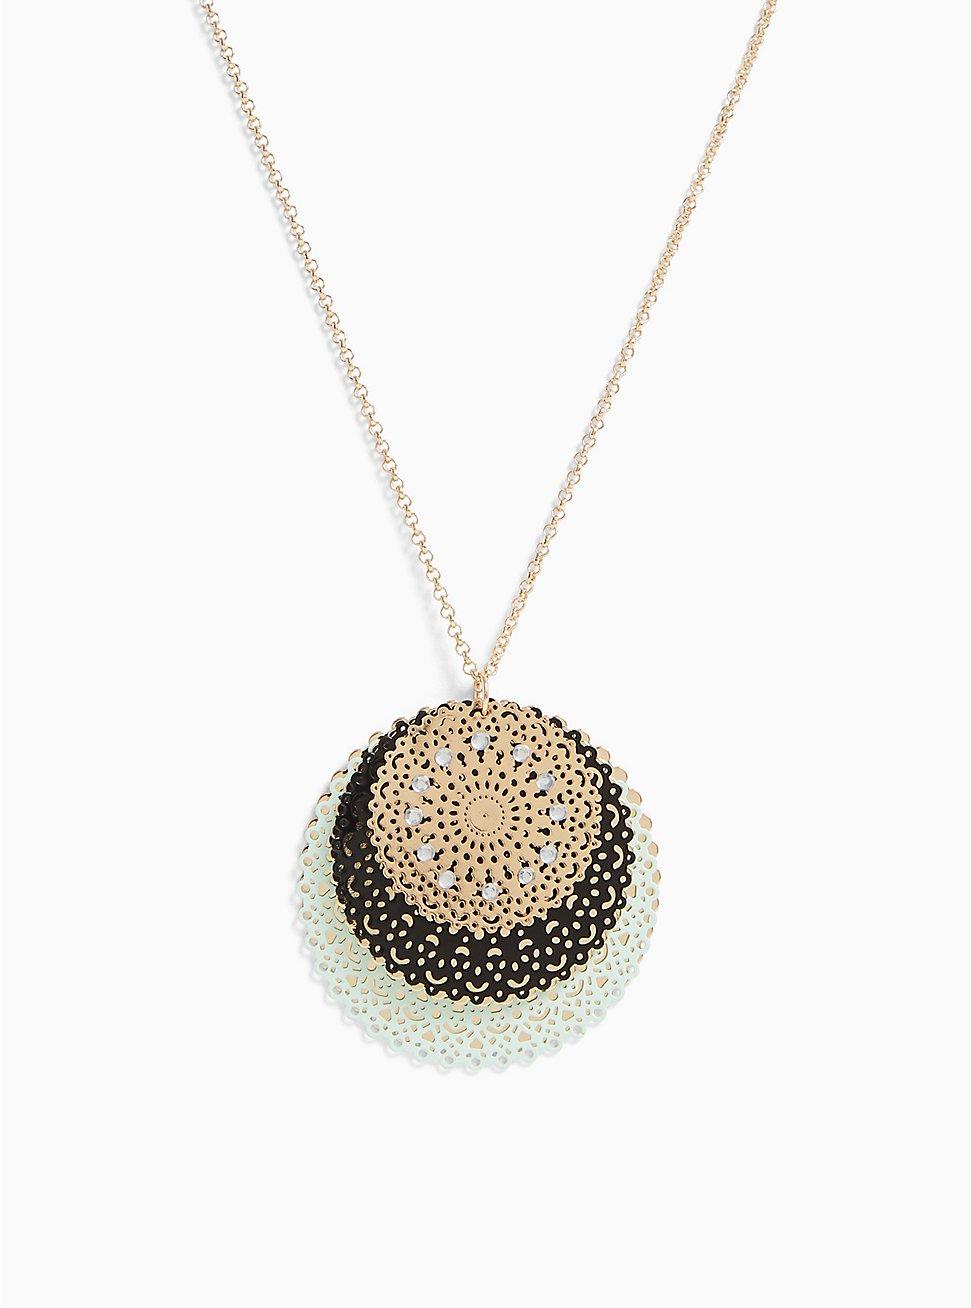 Gold-Tone & Mint Blue Filigree Disc Necklace, , hi-res